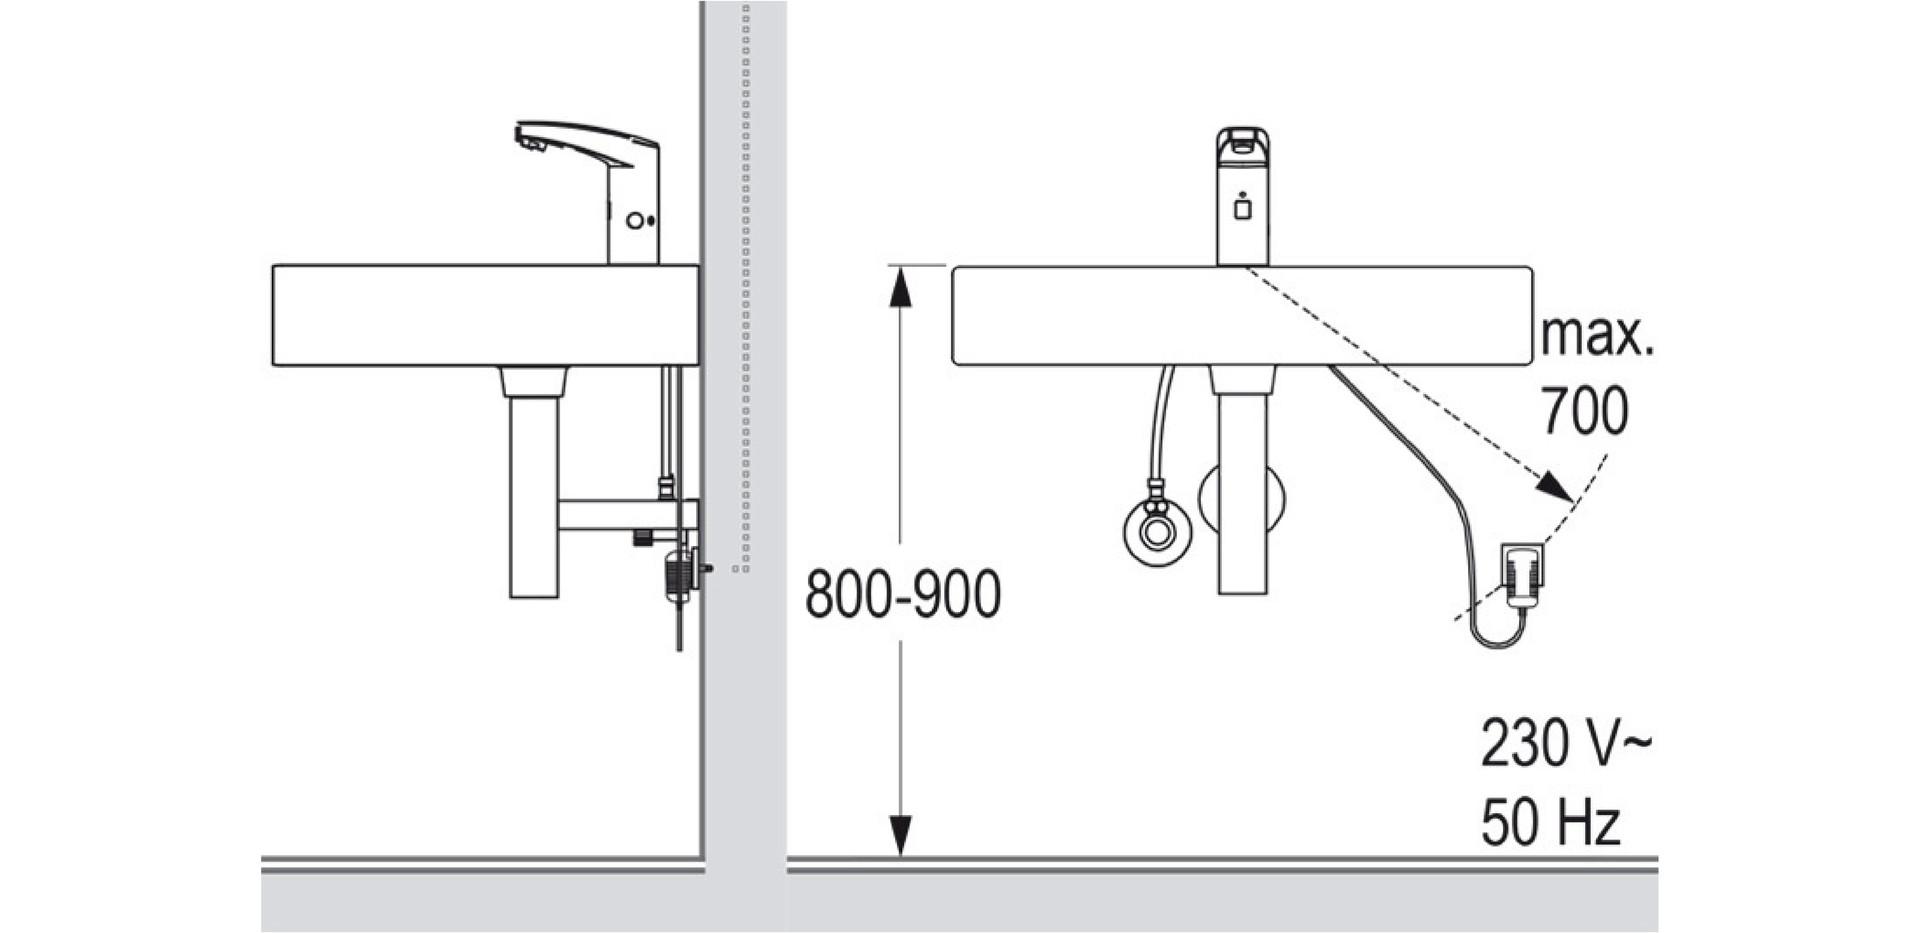 drawing-Maxx (2).jpg